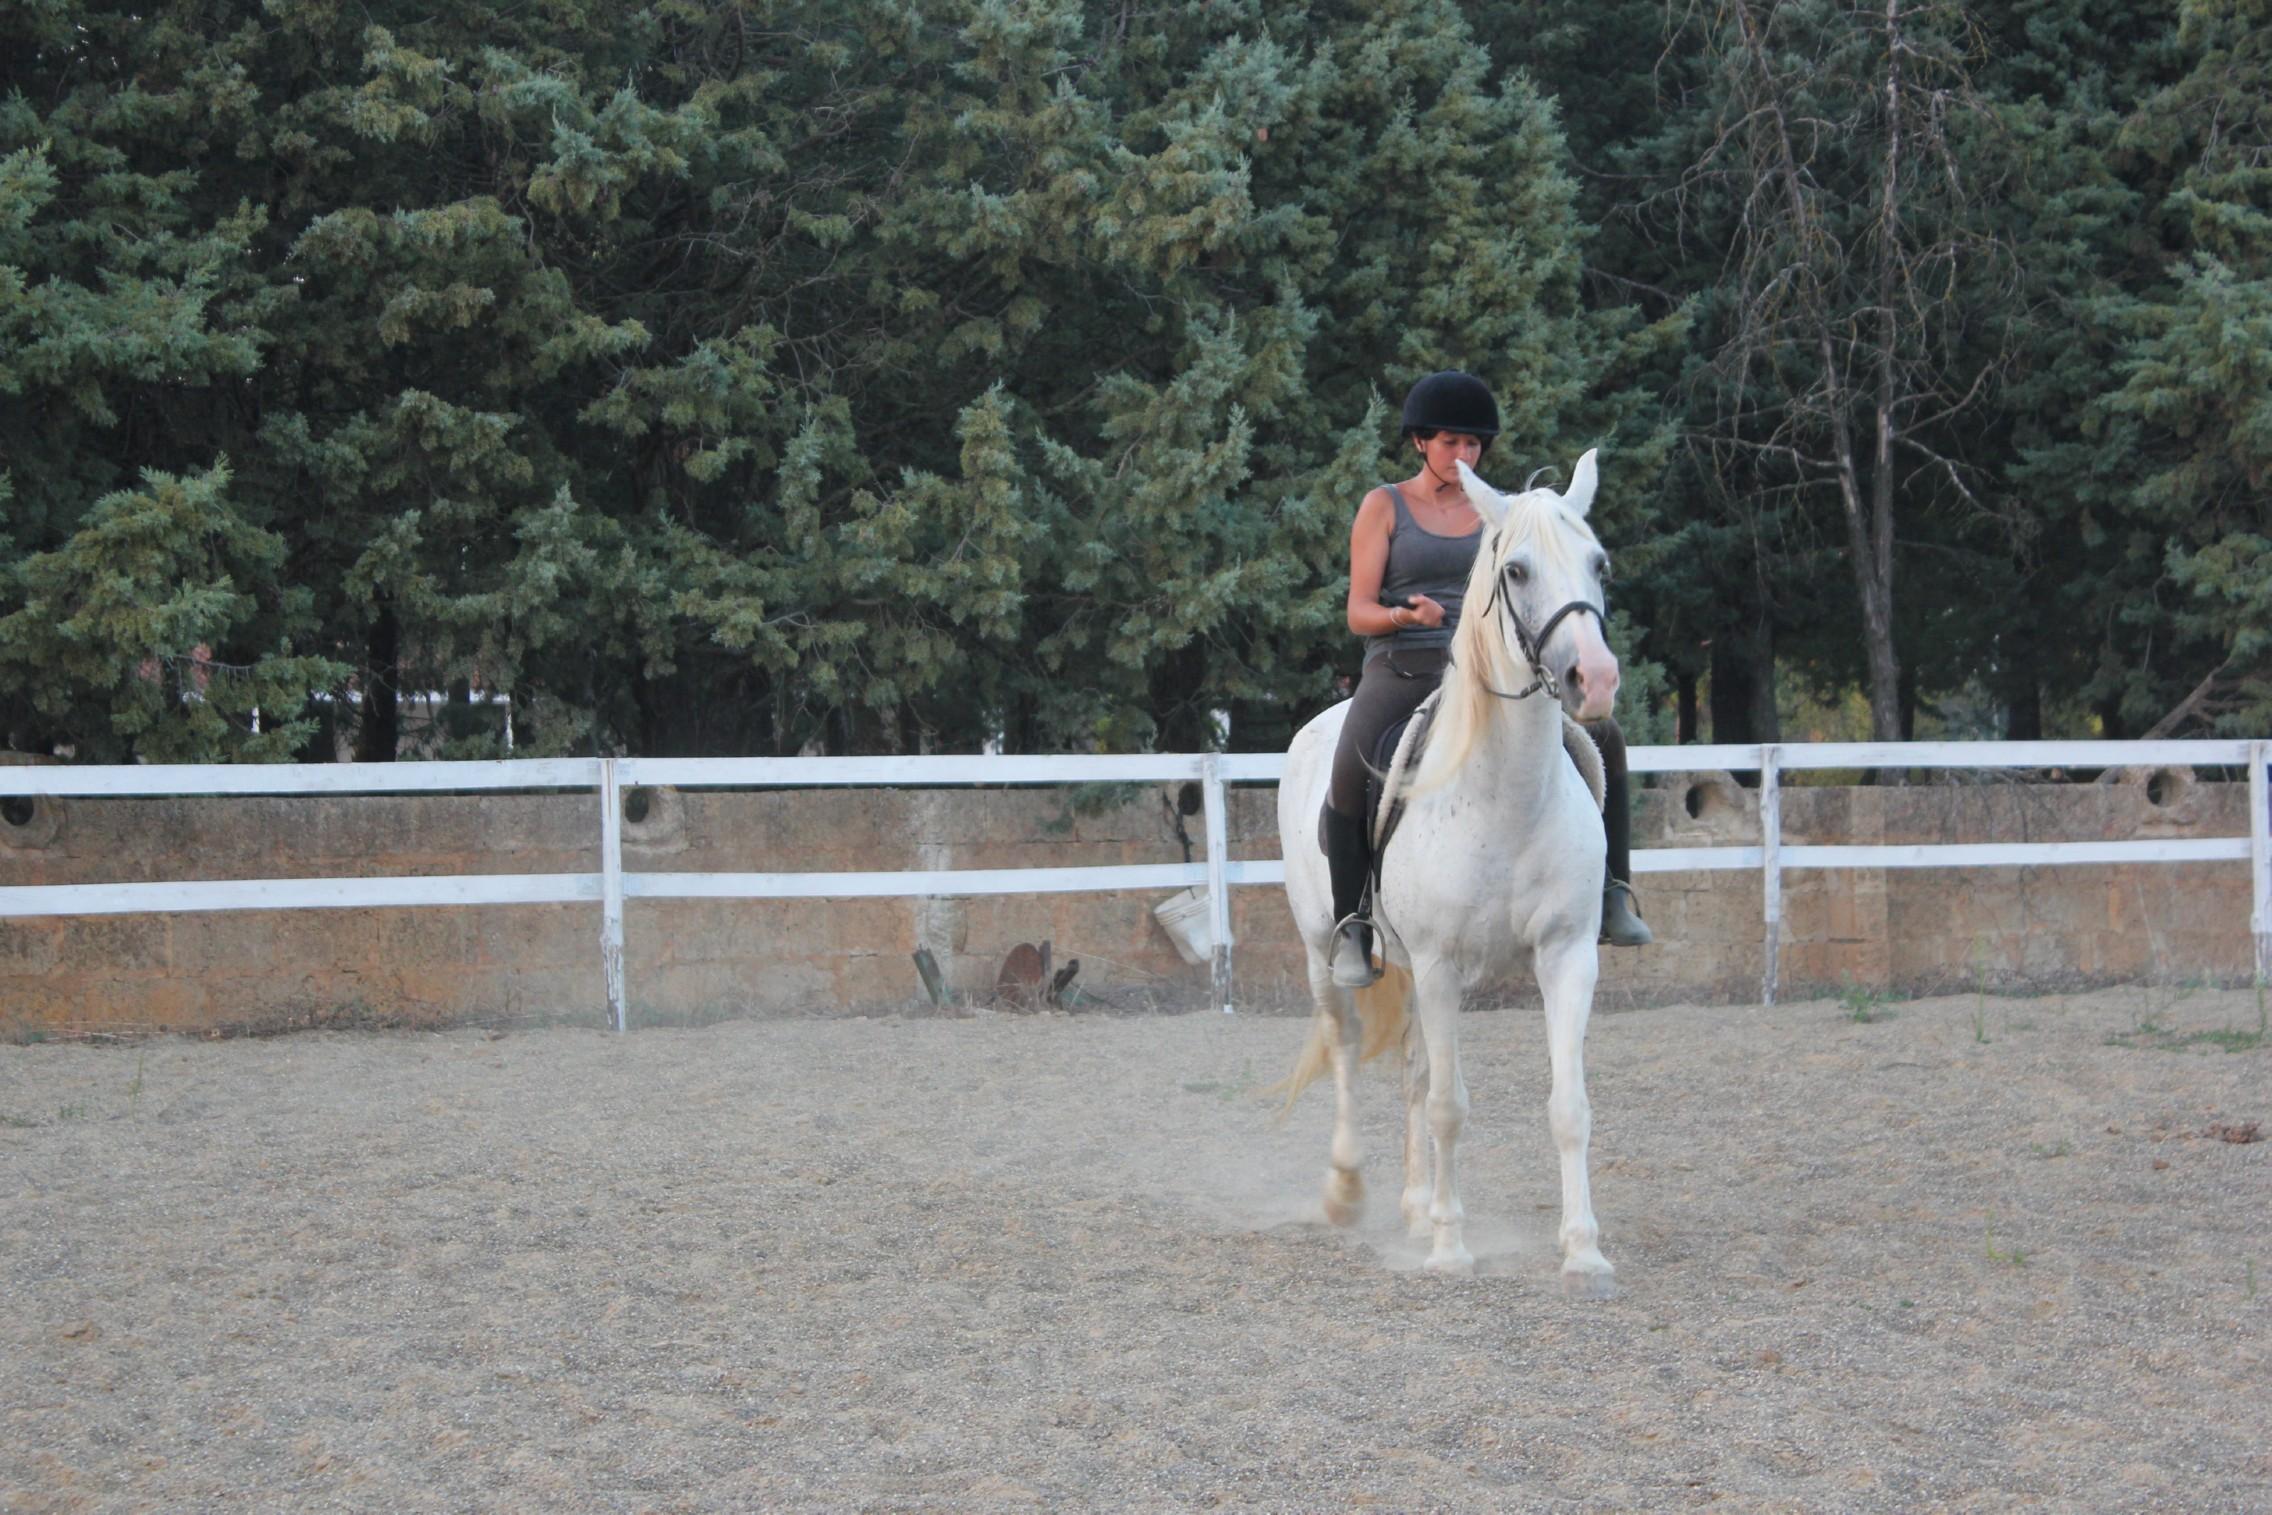 Horse Riding Center